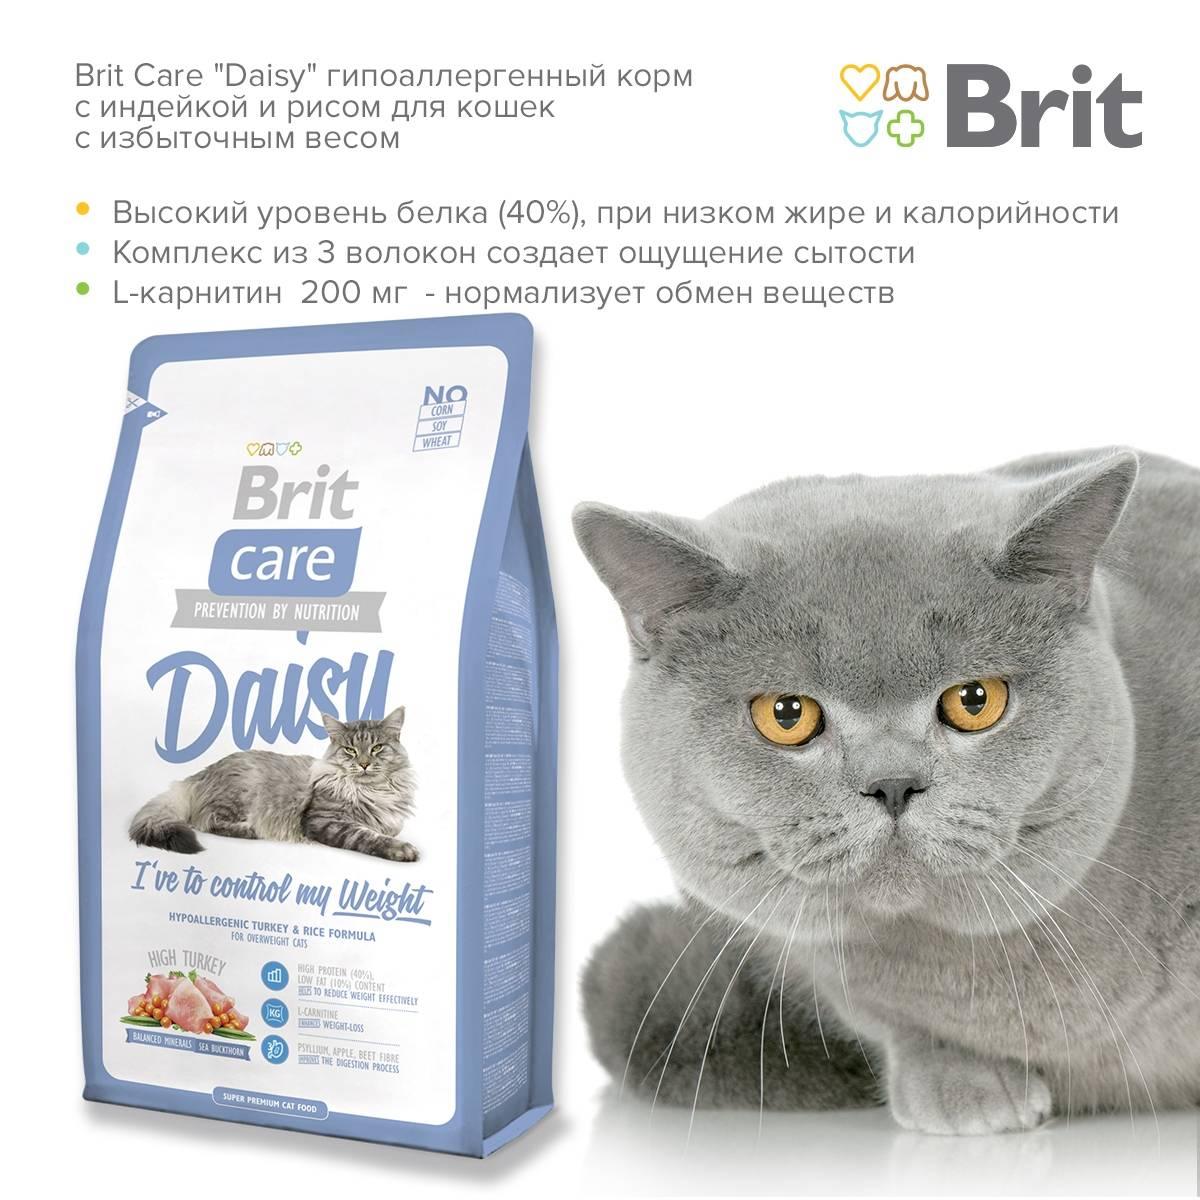 Лучшие корма для кошек, топ-10 рейтинг хороших кошачьих кормов